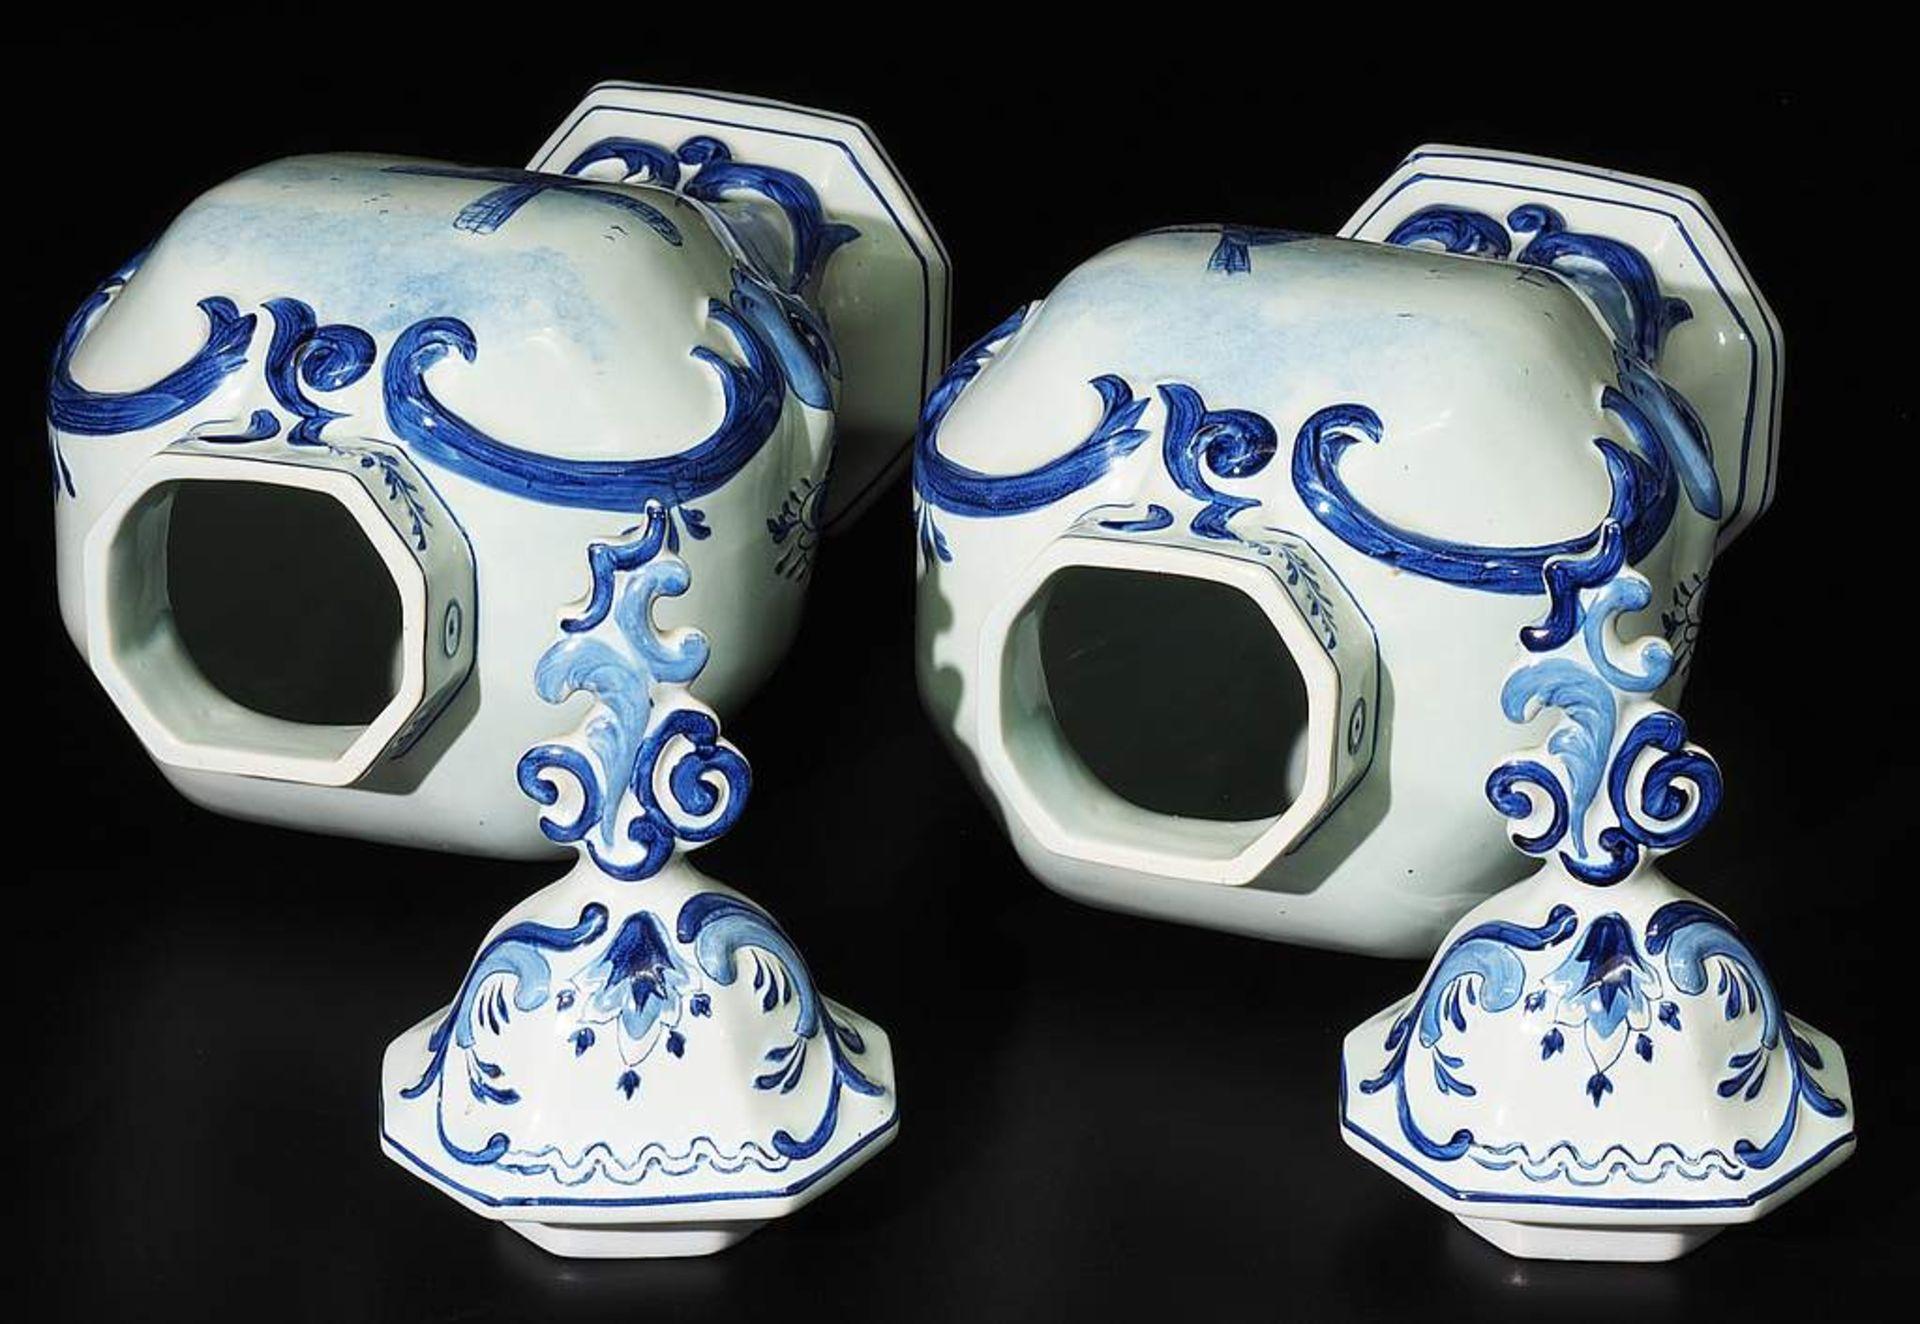 Paar Deckelvasen, Fayence, Blaumalerei. - Image 5 of 7